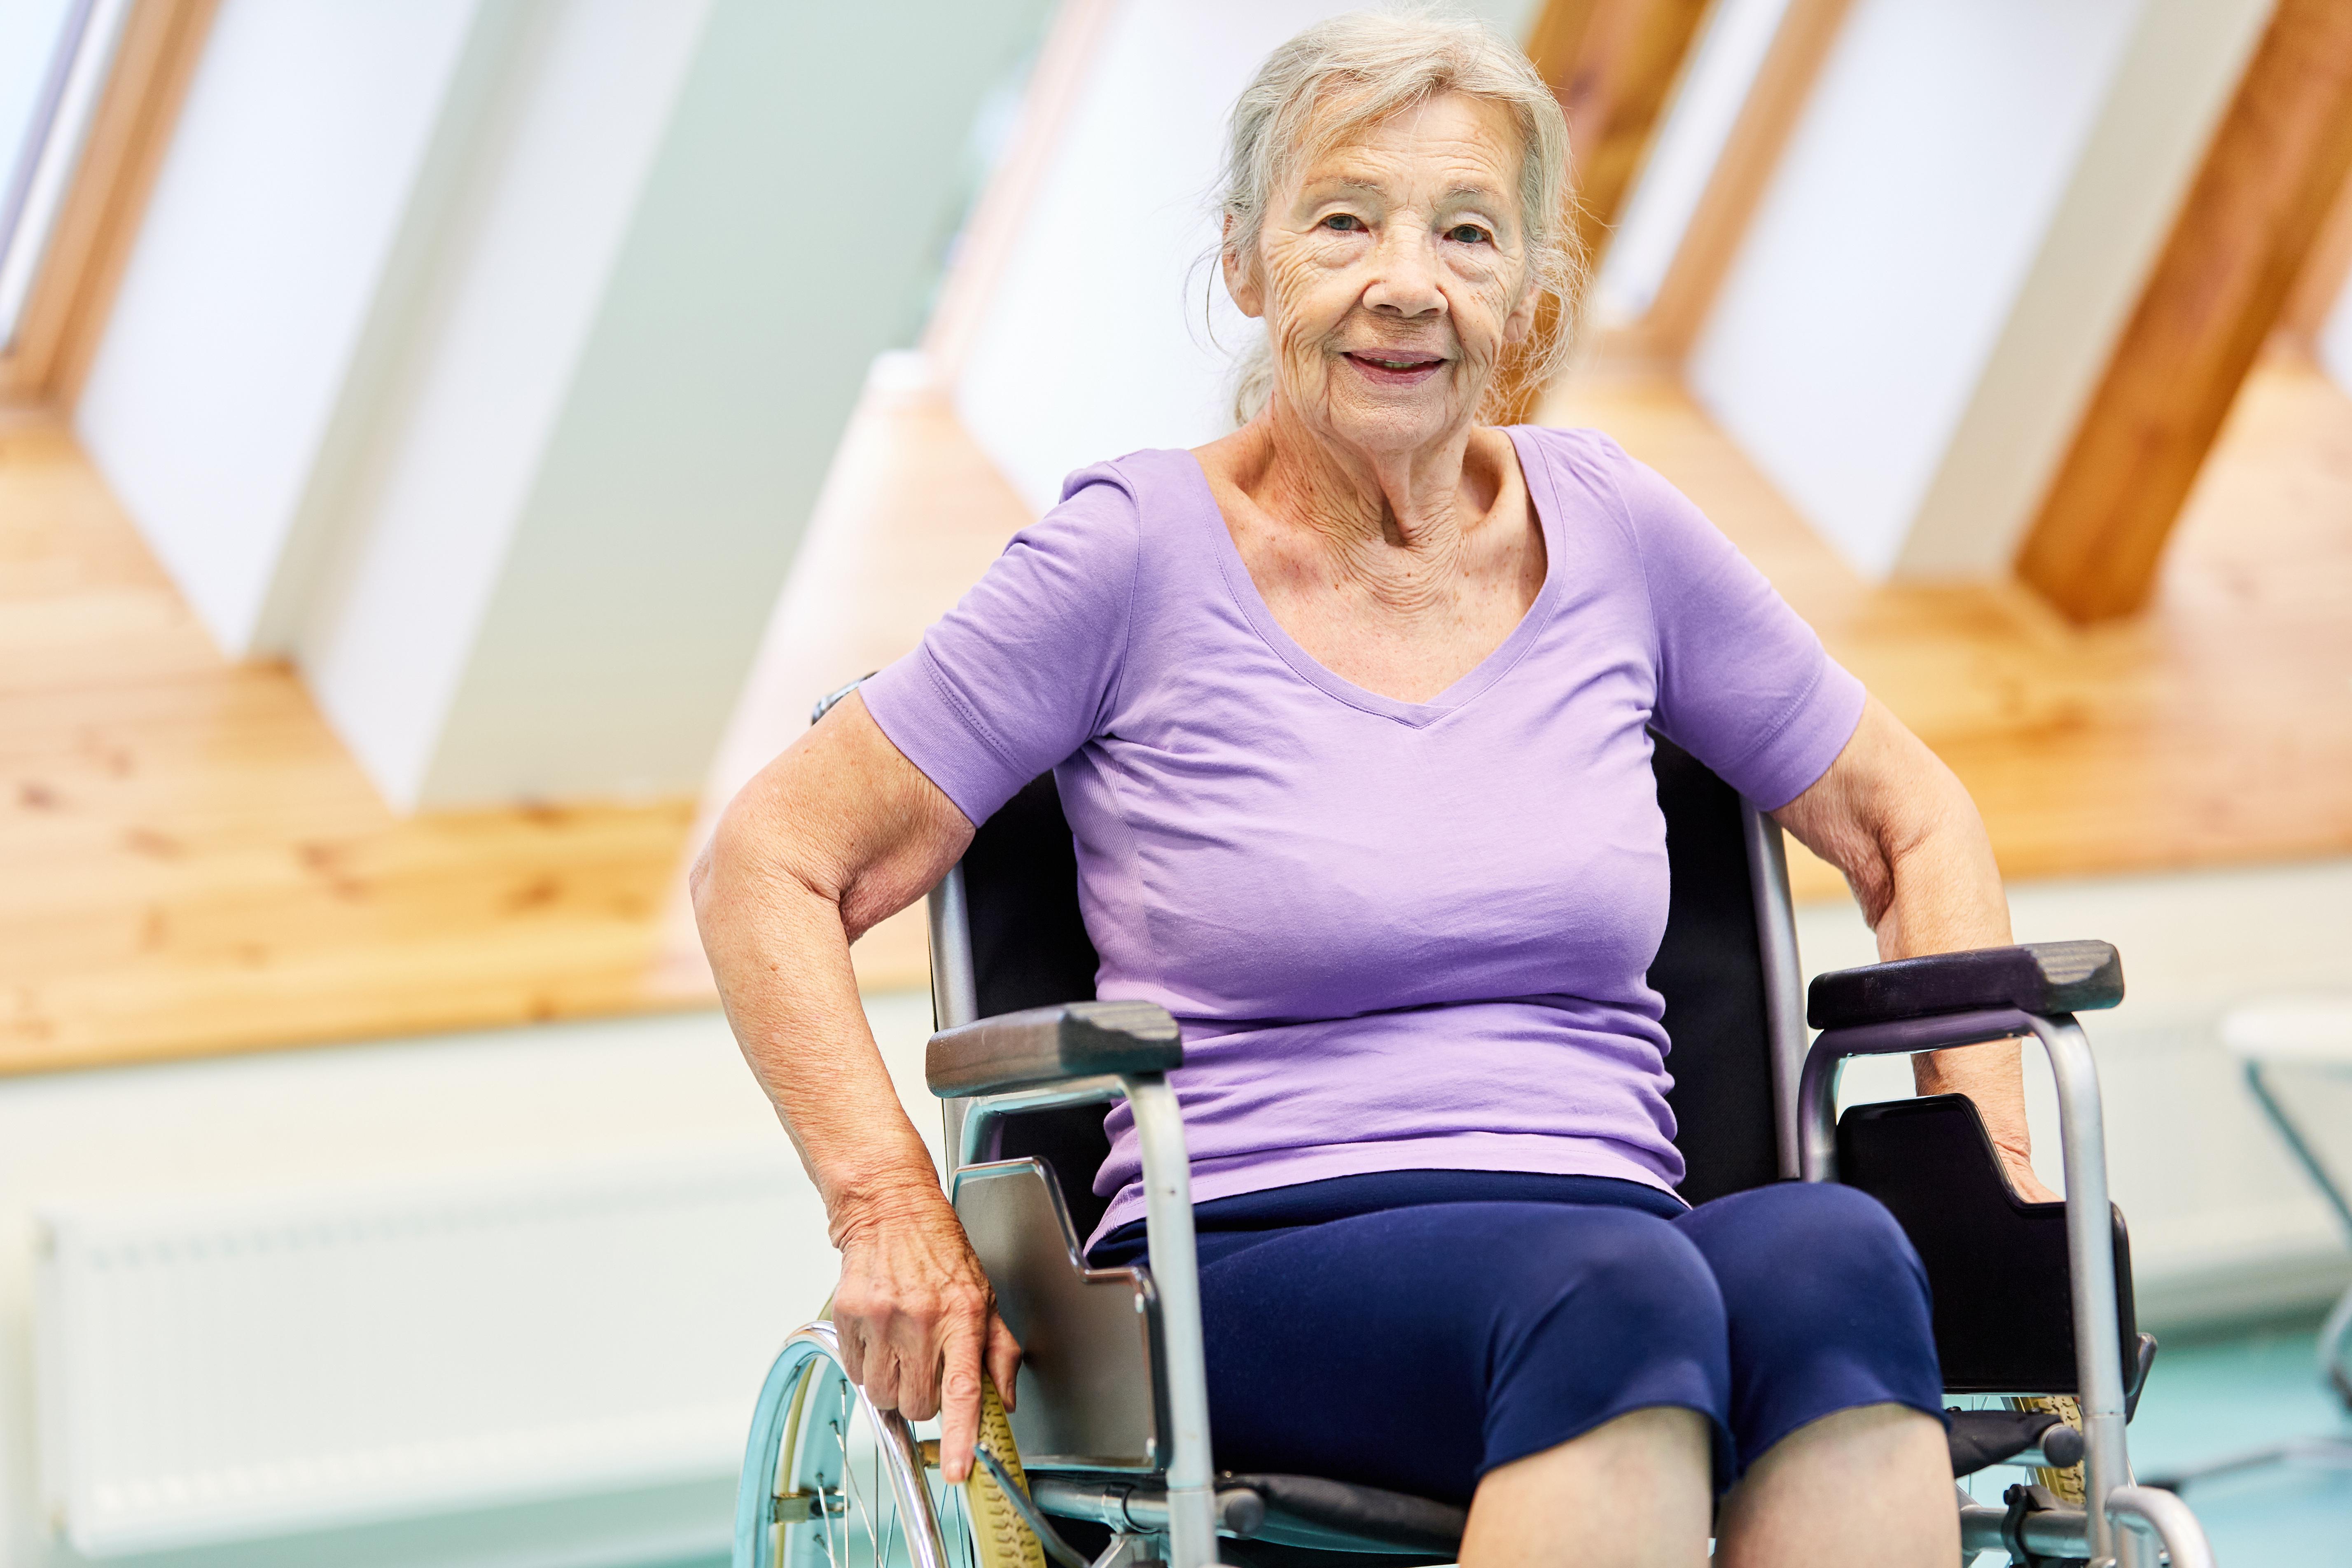 New Hope for Frail or Elderly Who Need TAVR